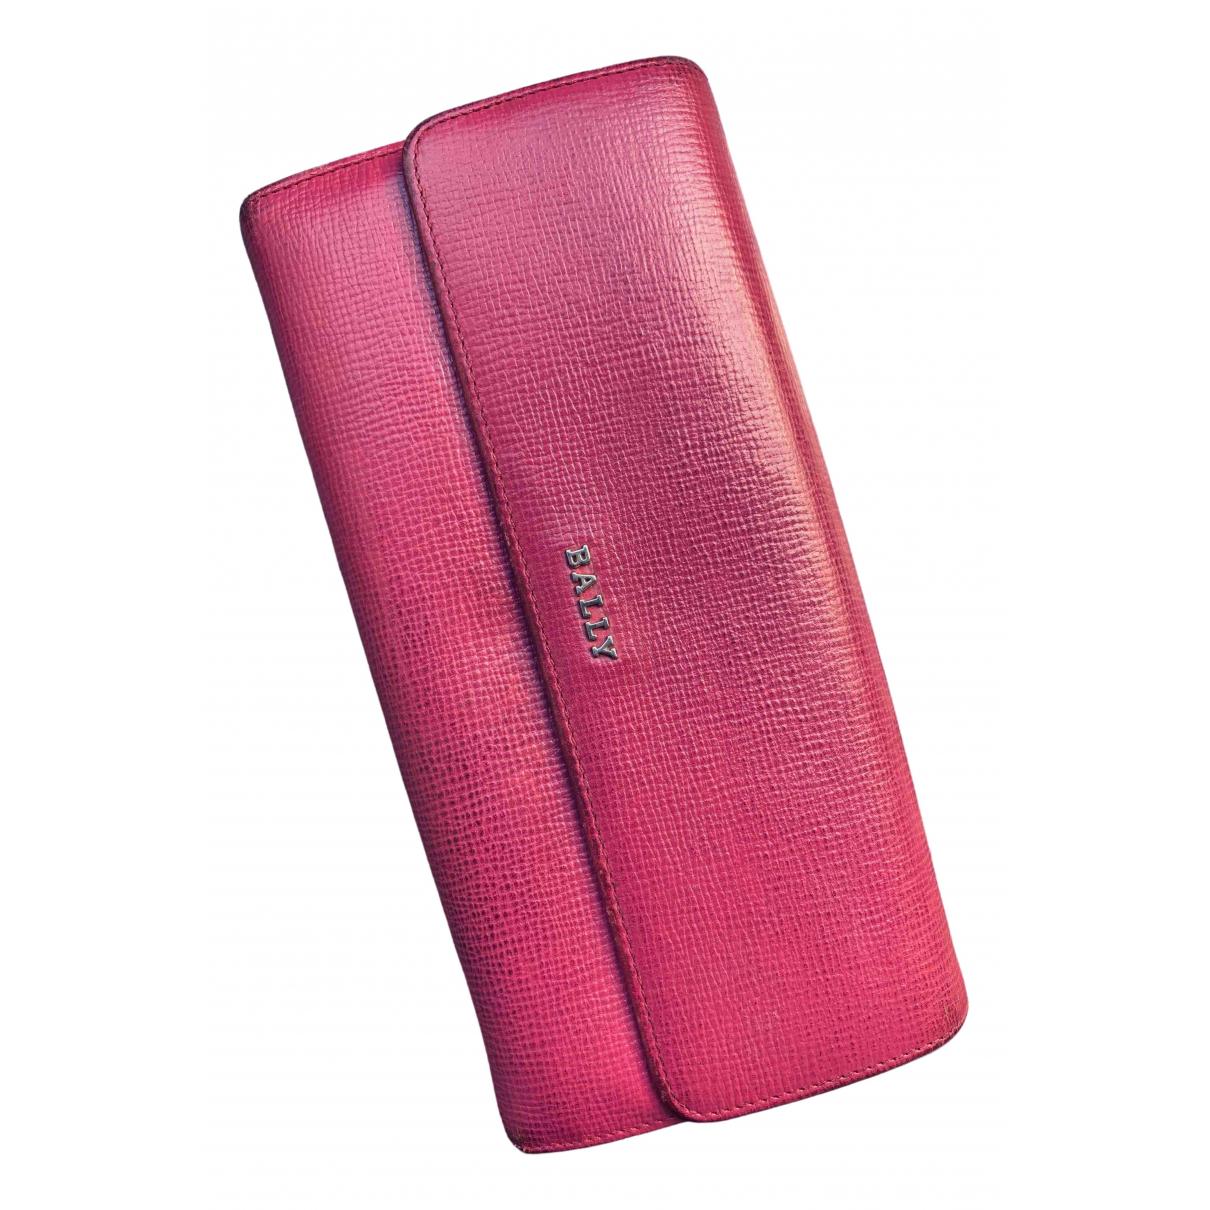 Bally - Portefeuille   pour femme en cuir - rose